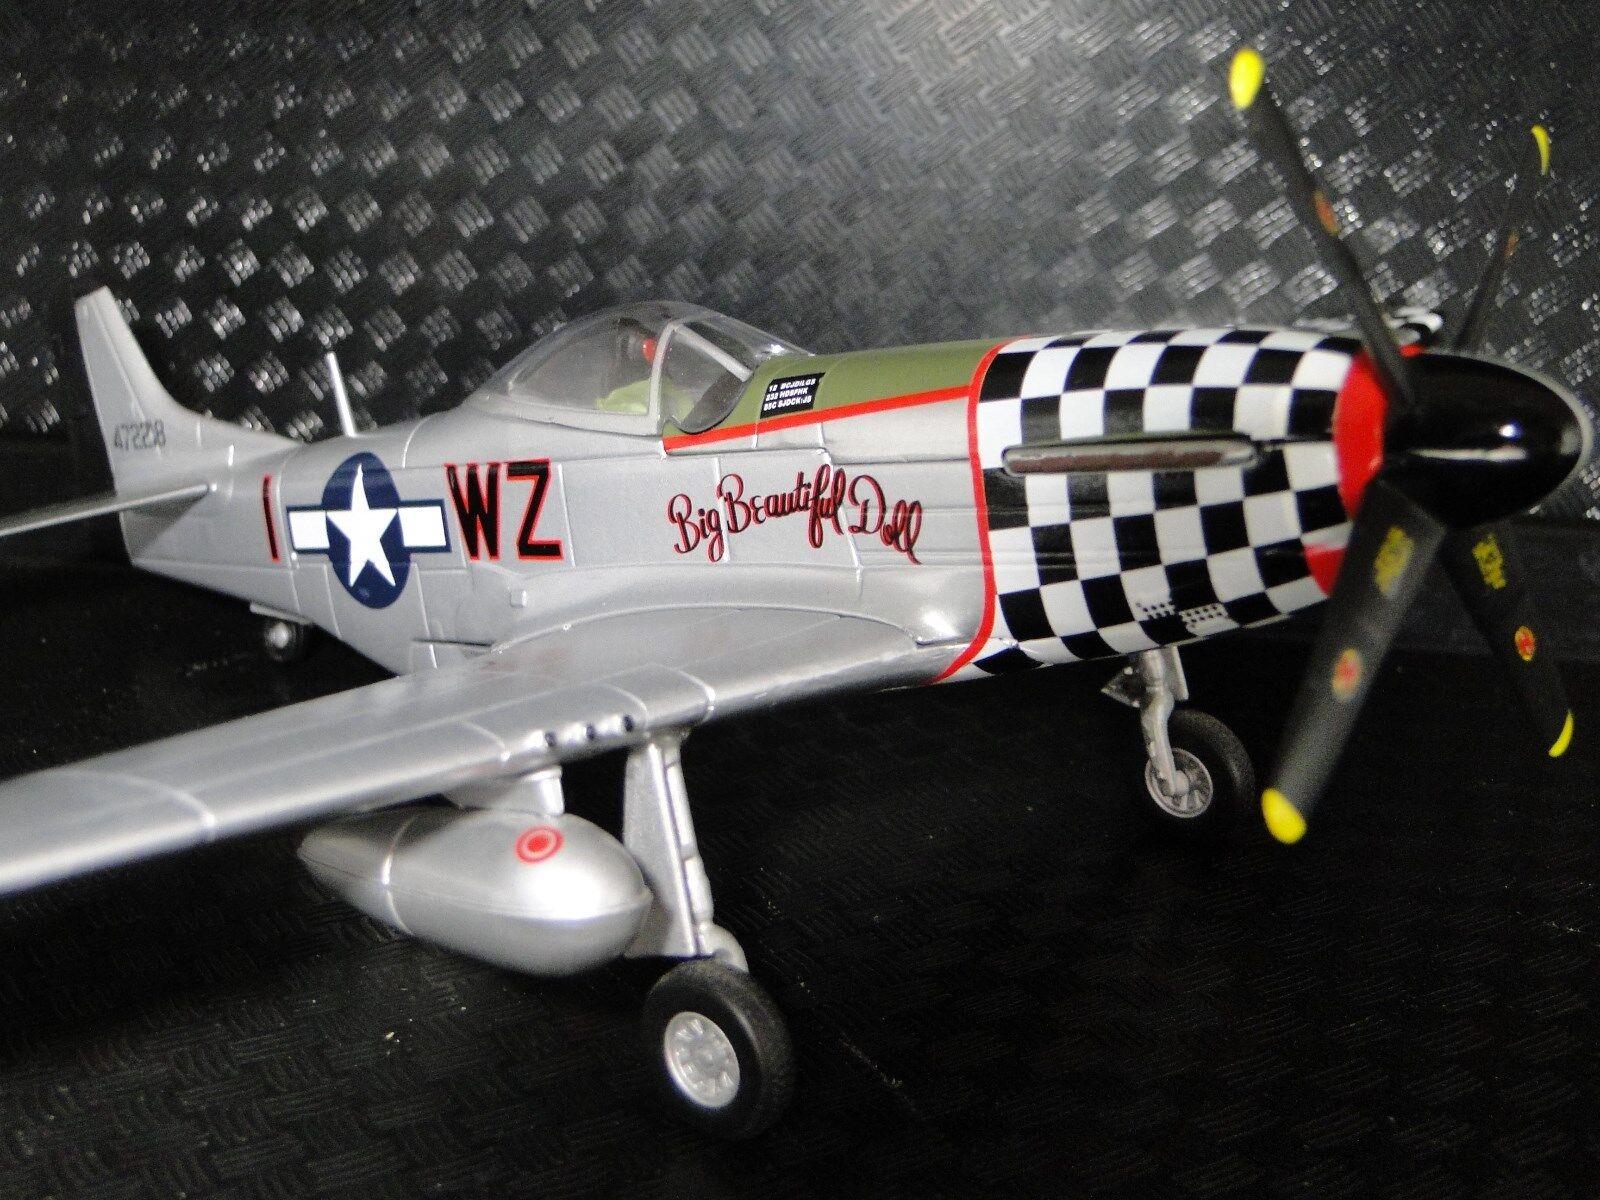 Modelo Modelo de avión aeronave 1 militar Fighter Vintage Air Force Estados Unidos Cocherusel Negro 18 32 48  la mejor oferta de tienda online